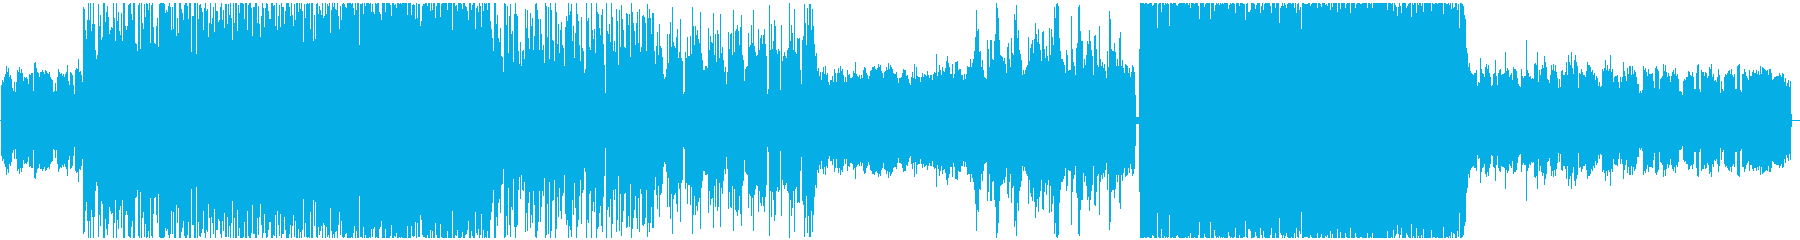 クールな和風テイスト4つ打ちエレクトロの再生済みの波形